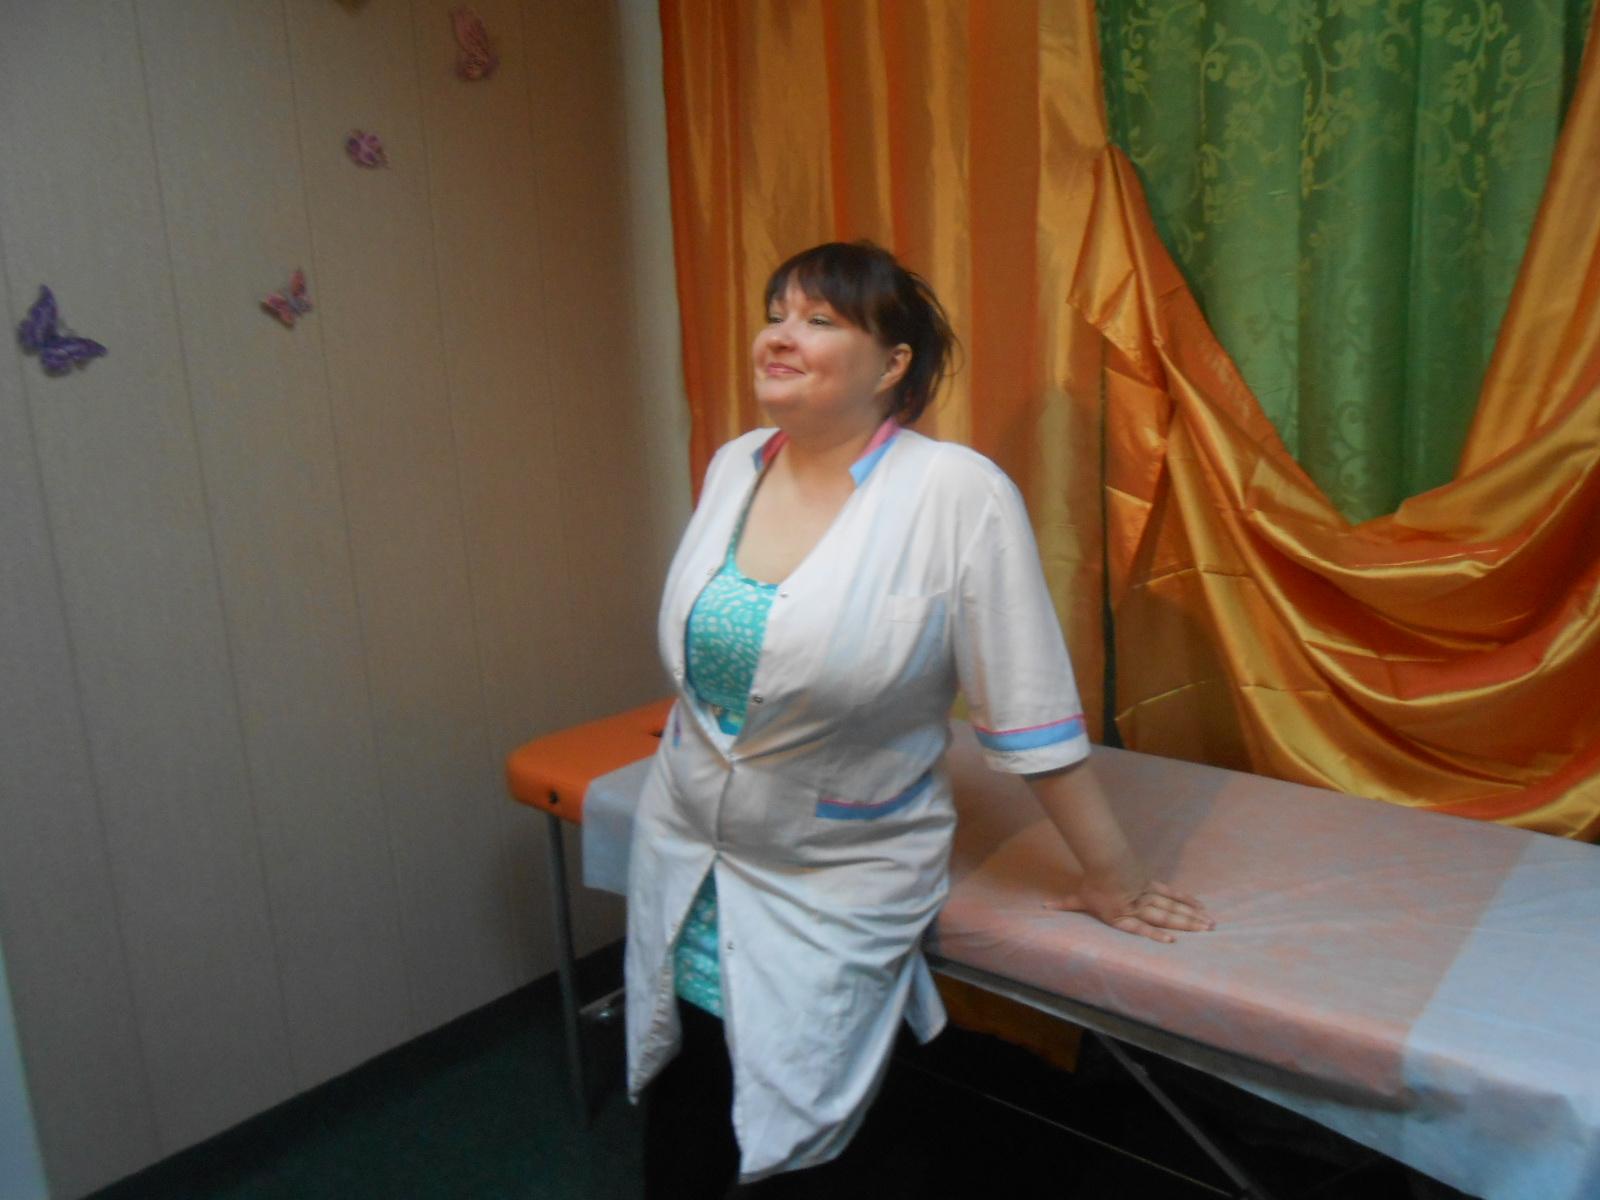 Урологический массаж что это 6 фотография